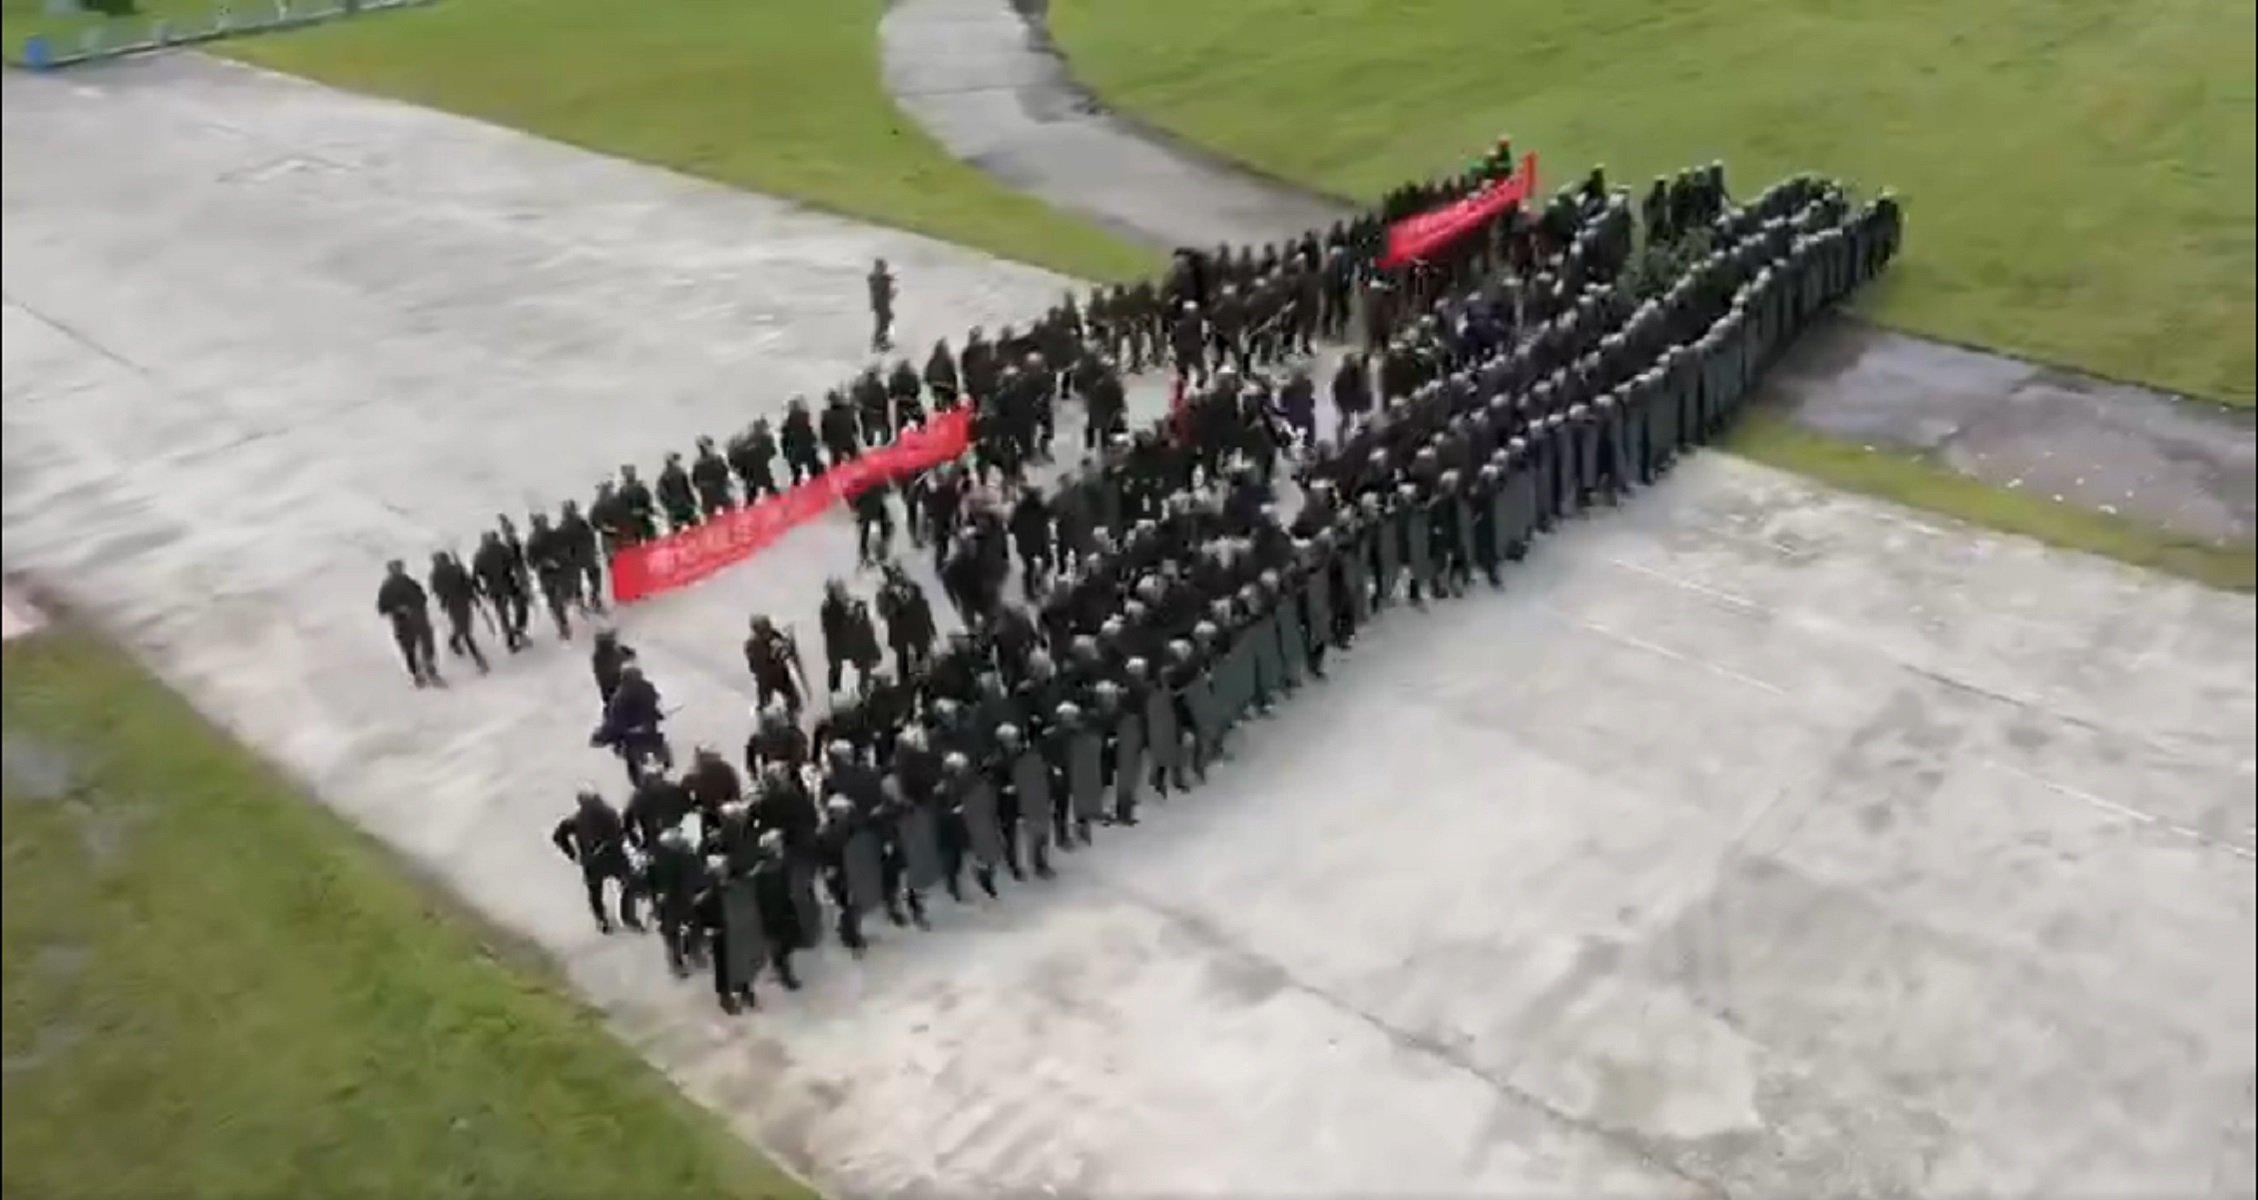 exercicis militars xina hong kong - Global Times